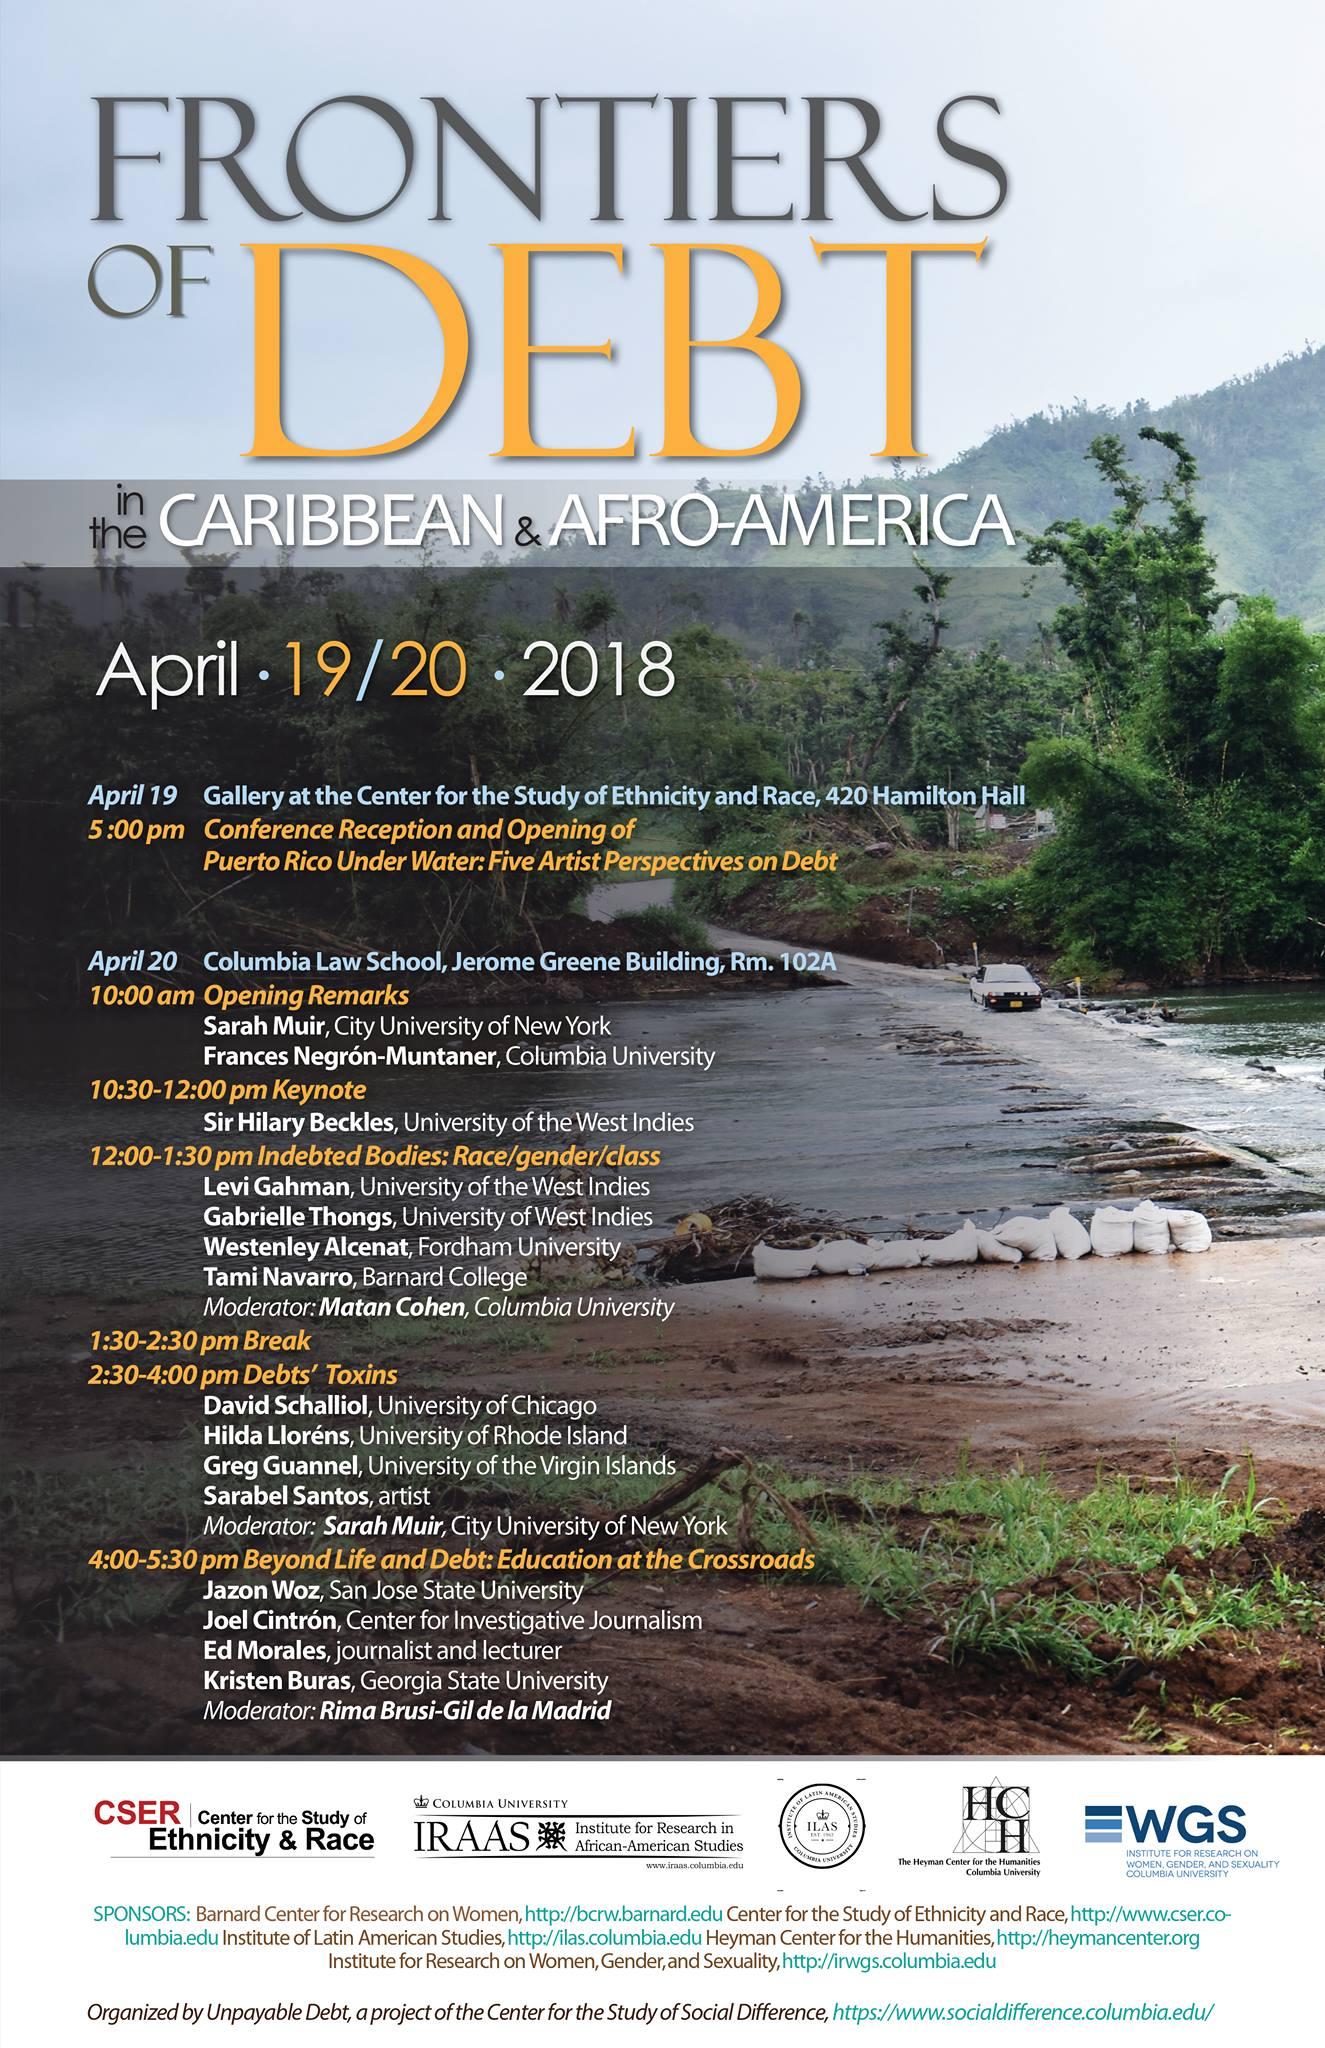 Frontiers of Debt poster.jpg